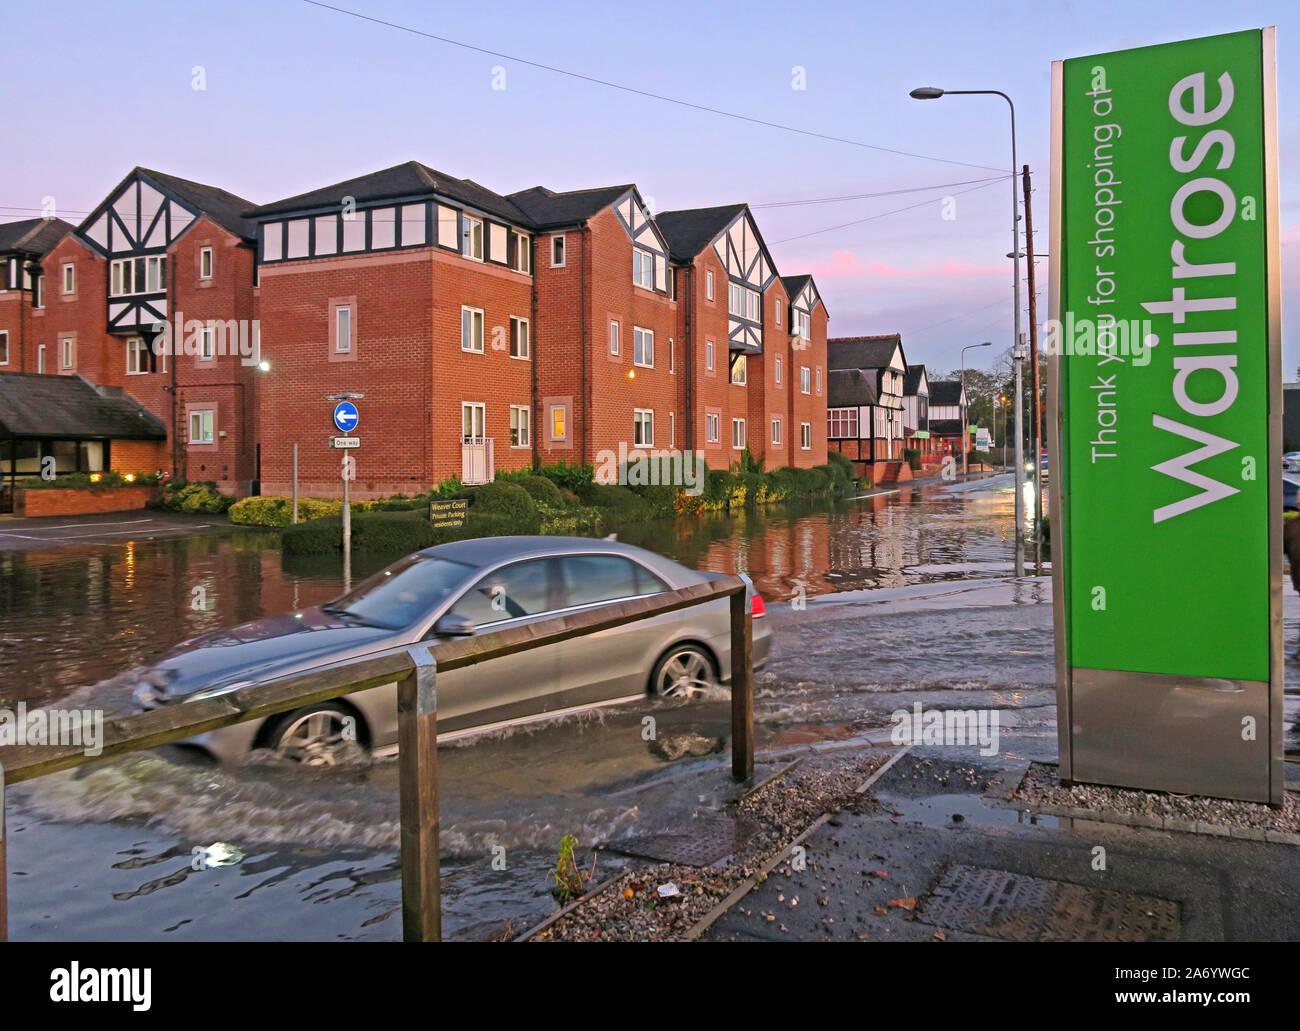 Dieses Stockfoto: Schwere Überschwemmungen in Northwich Stadt, Chester, River Weaver Oktober 2019, Cheshire, England, UK-Waitrose Parkplatz Überschwemmungen - 2A6YWG